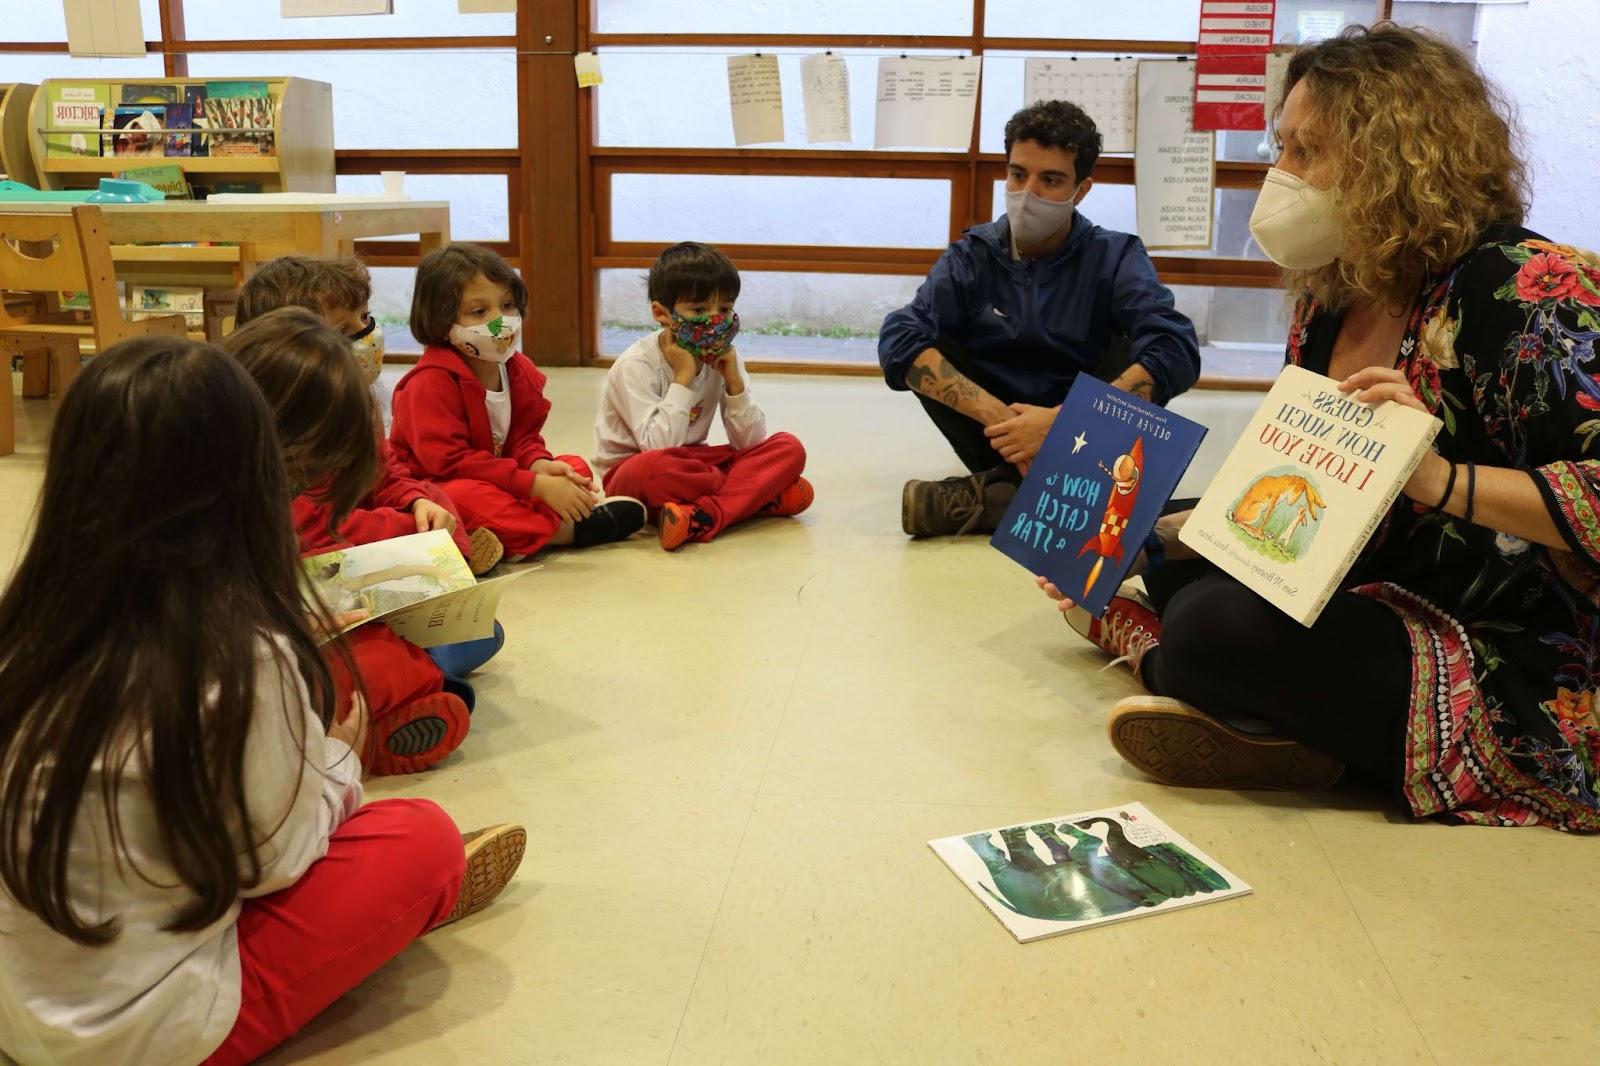 A imagem mostra um grupo de crianças do grupo Vermelho em uma roda de leitura de inglês em uma aula presencial.